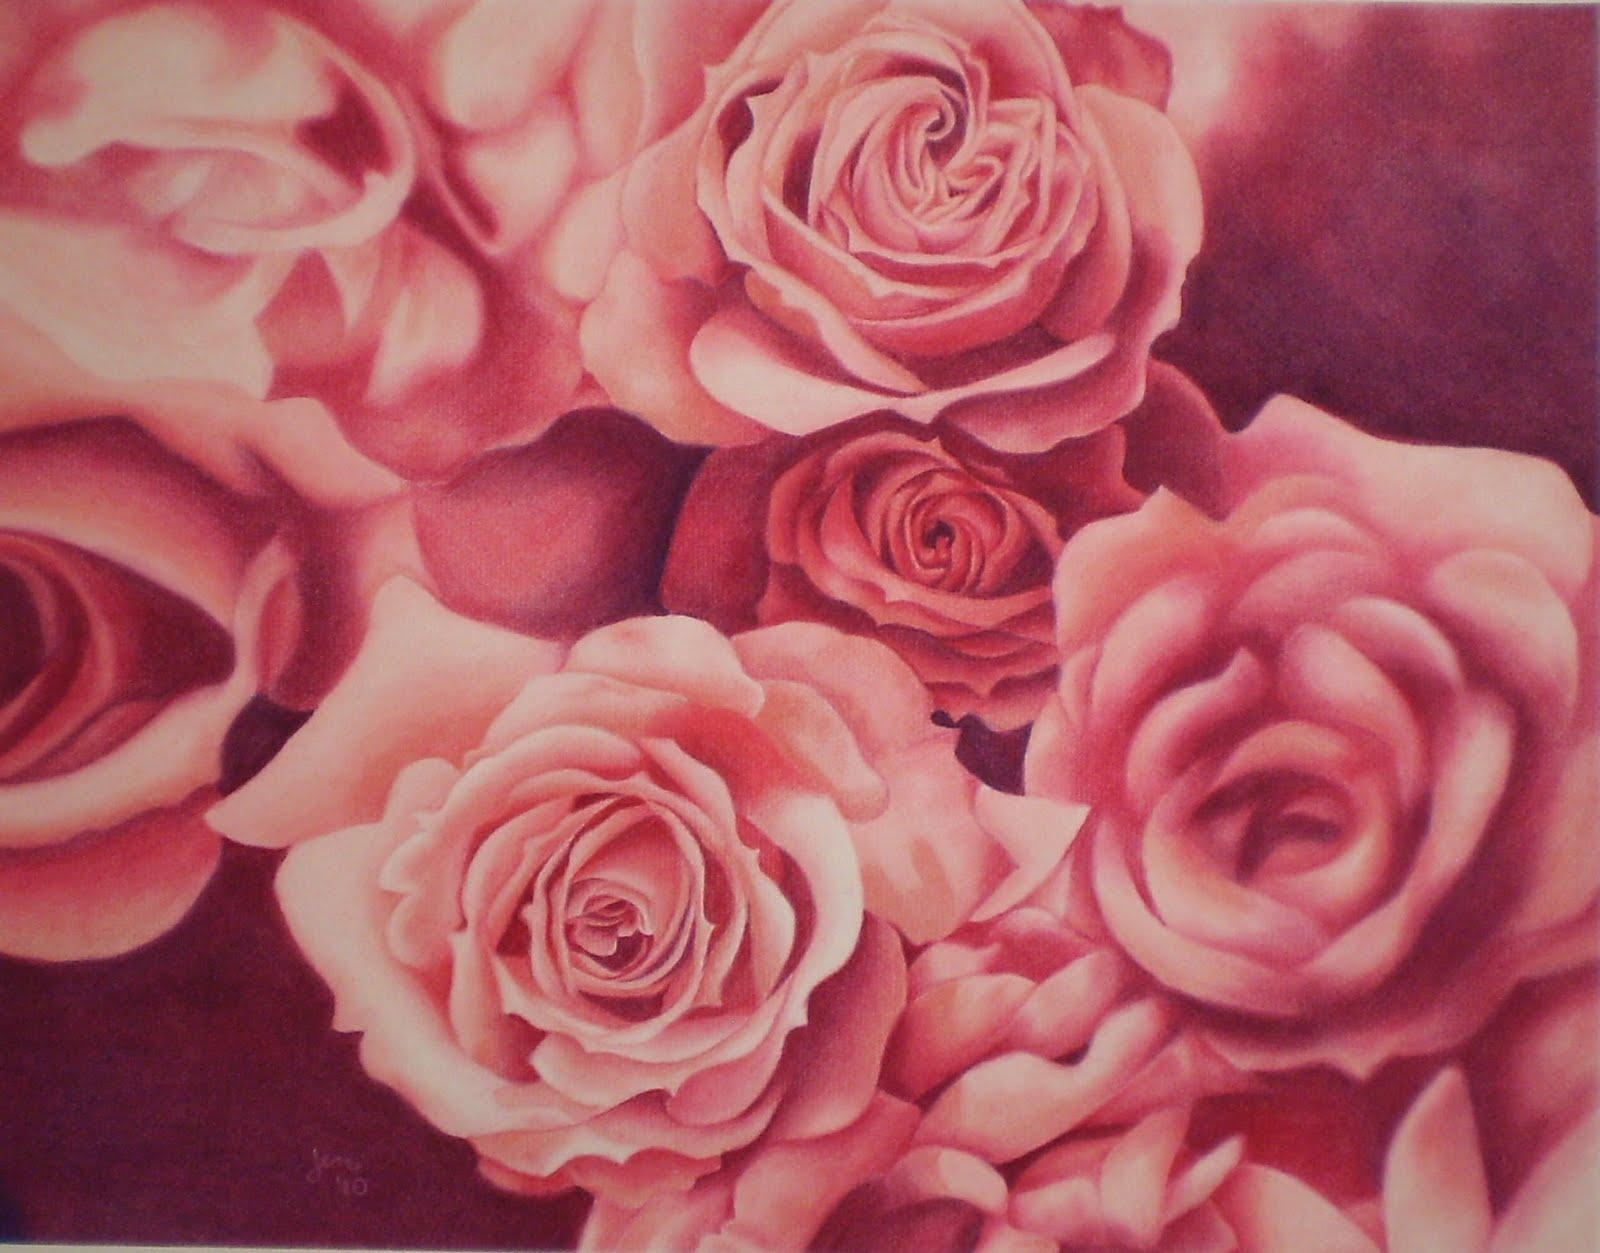 knumathise red roses tumblr